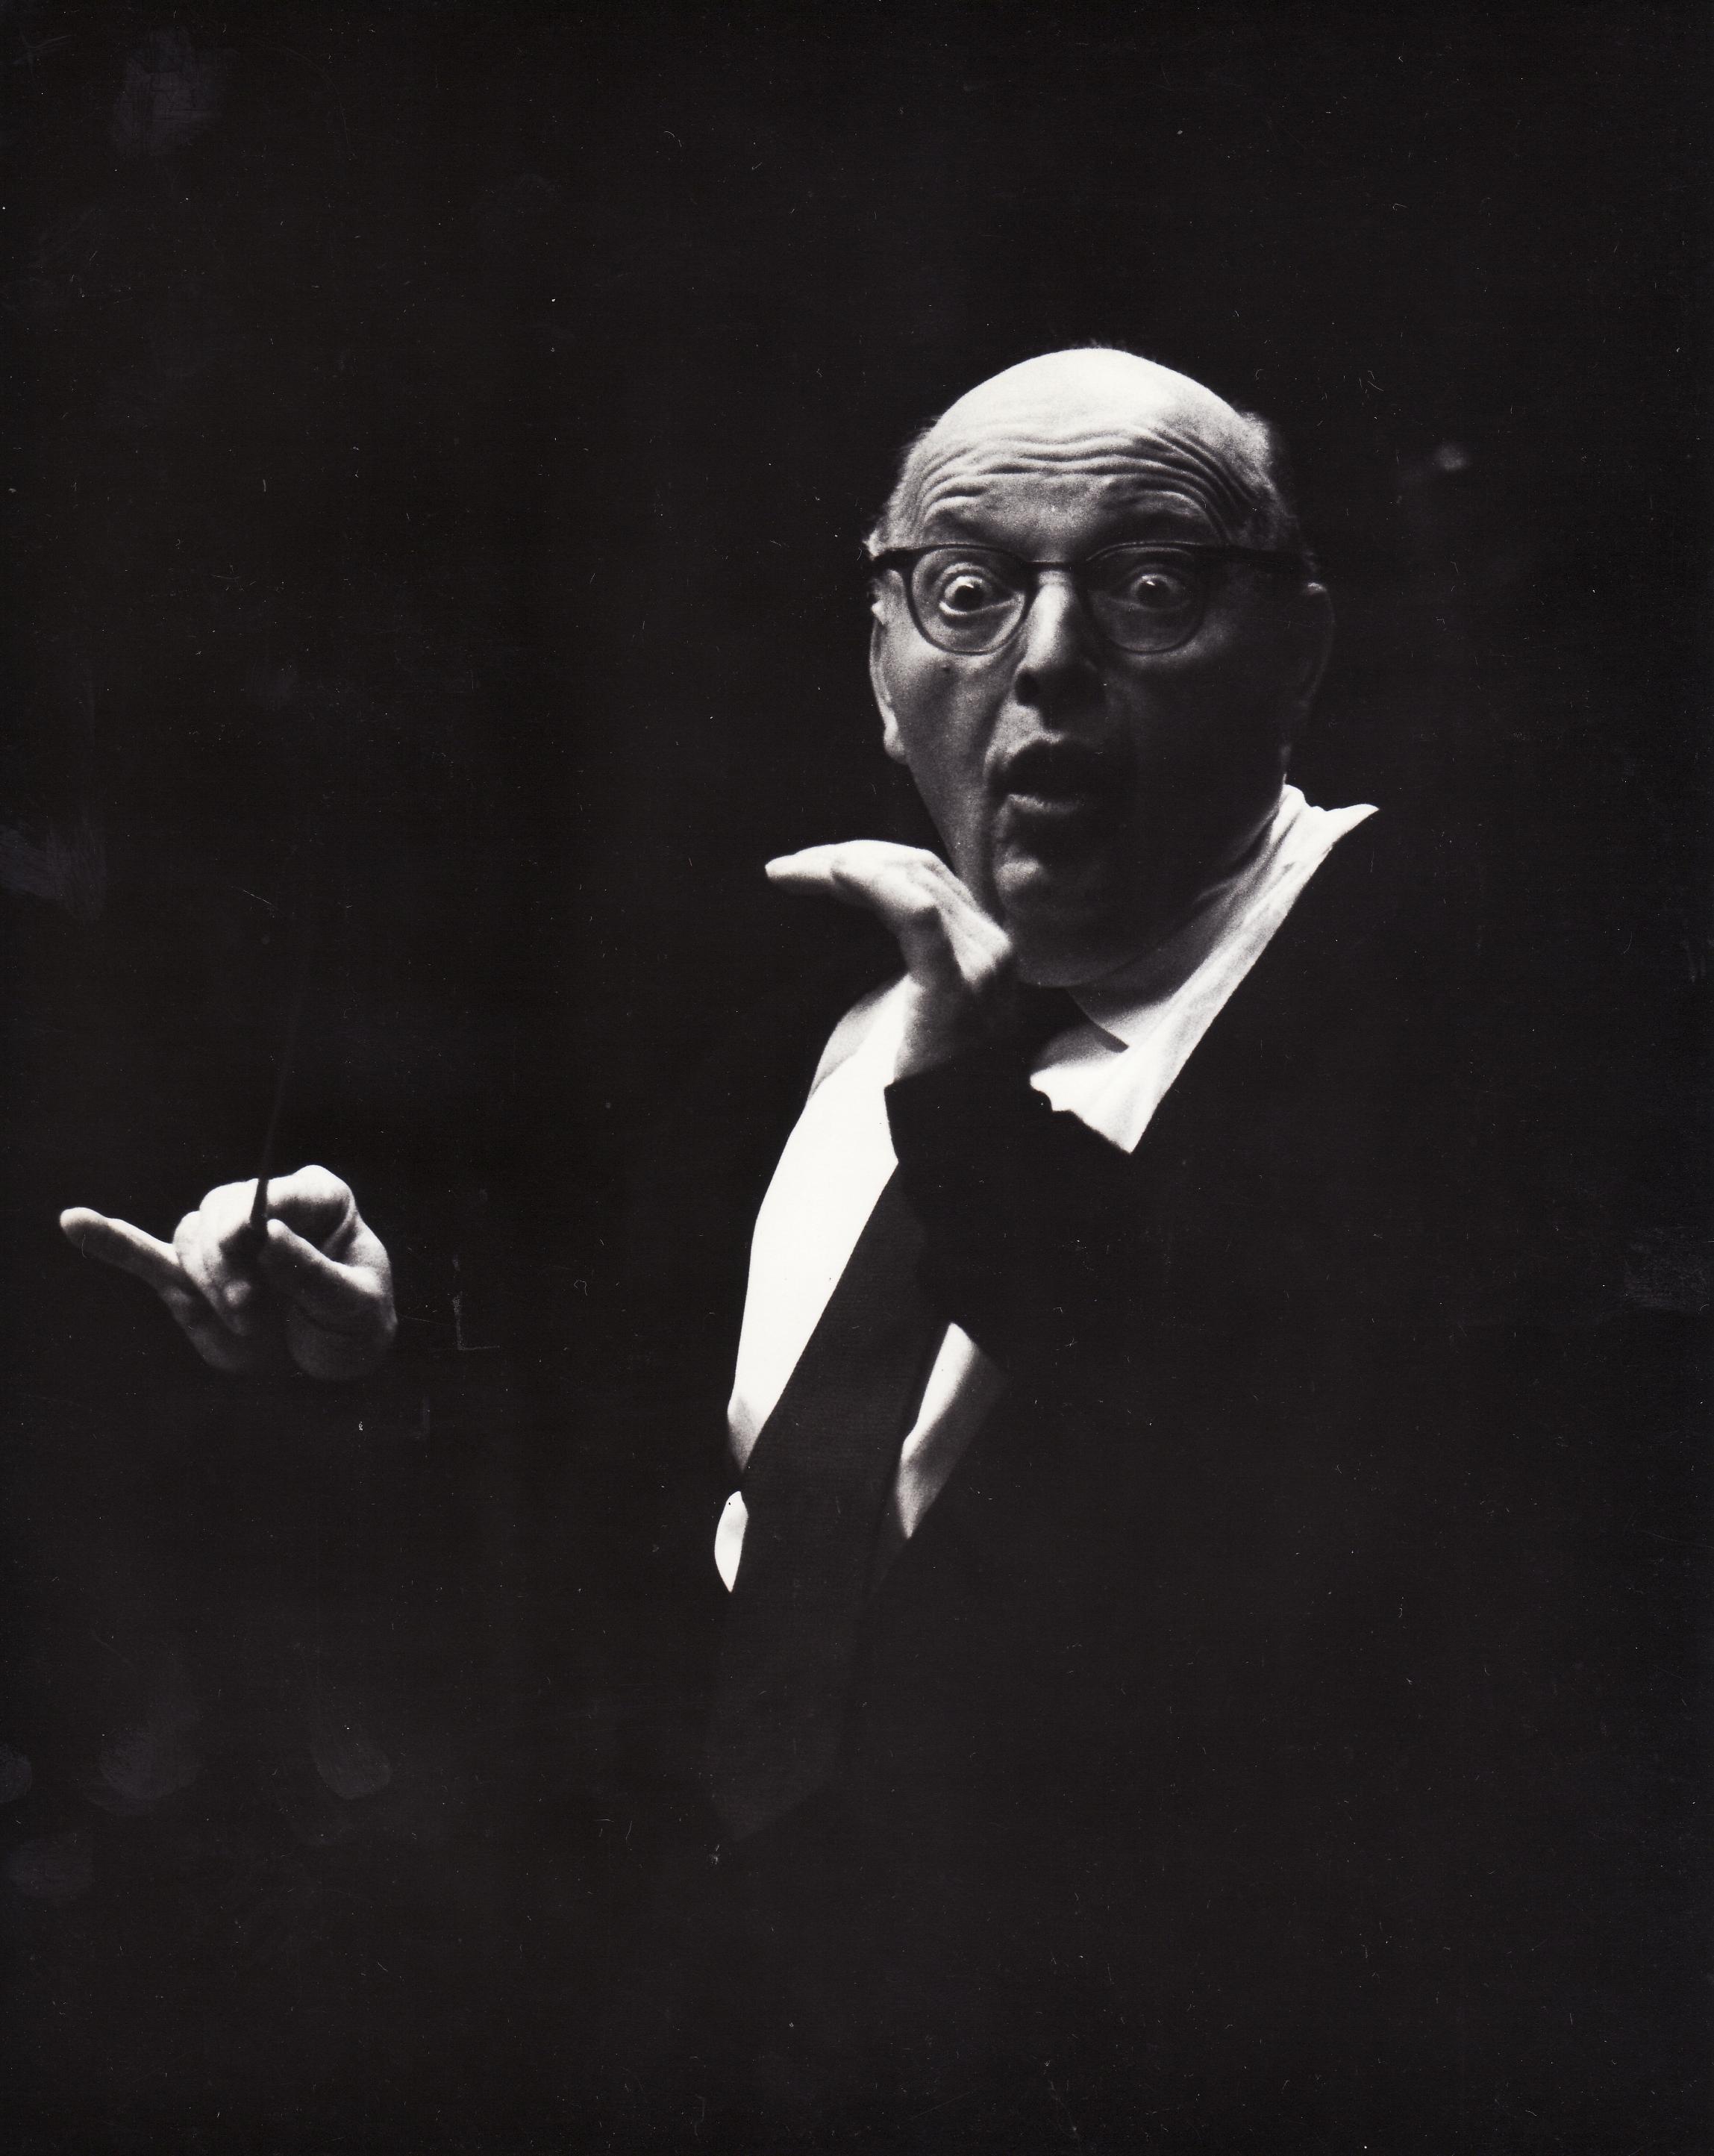 Gustav Mahler - Symphonie n° 1 - Orchestre Symphonique de Vienne - Dir. Josef Krips - 06.01.1960